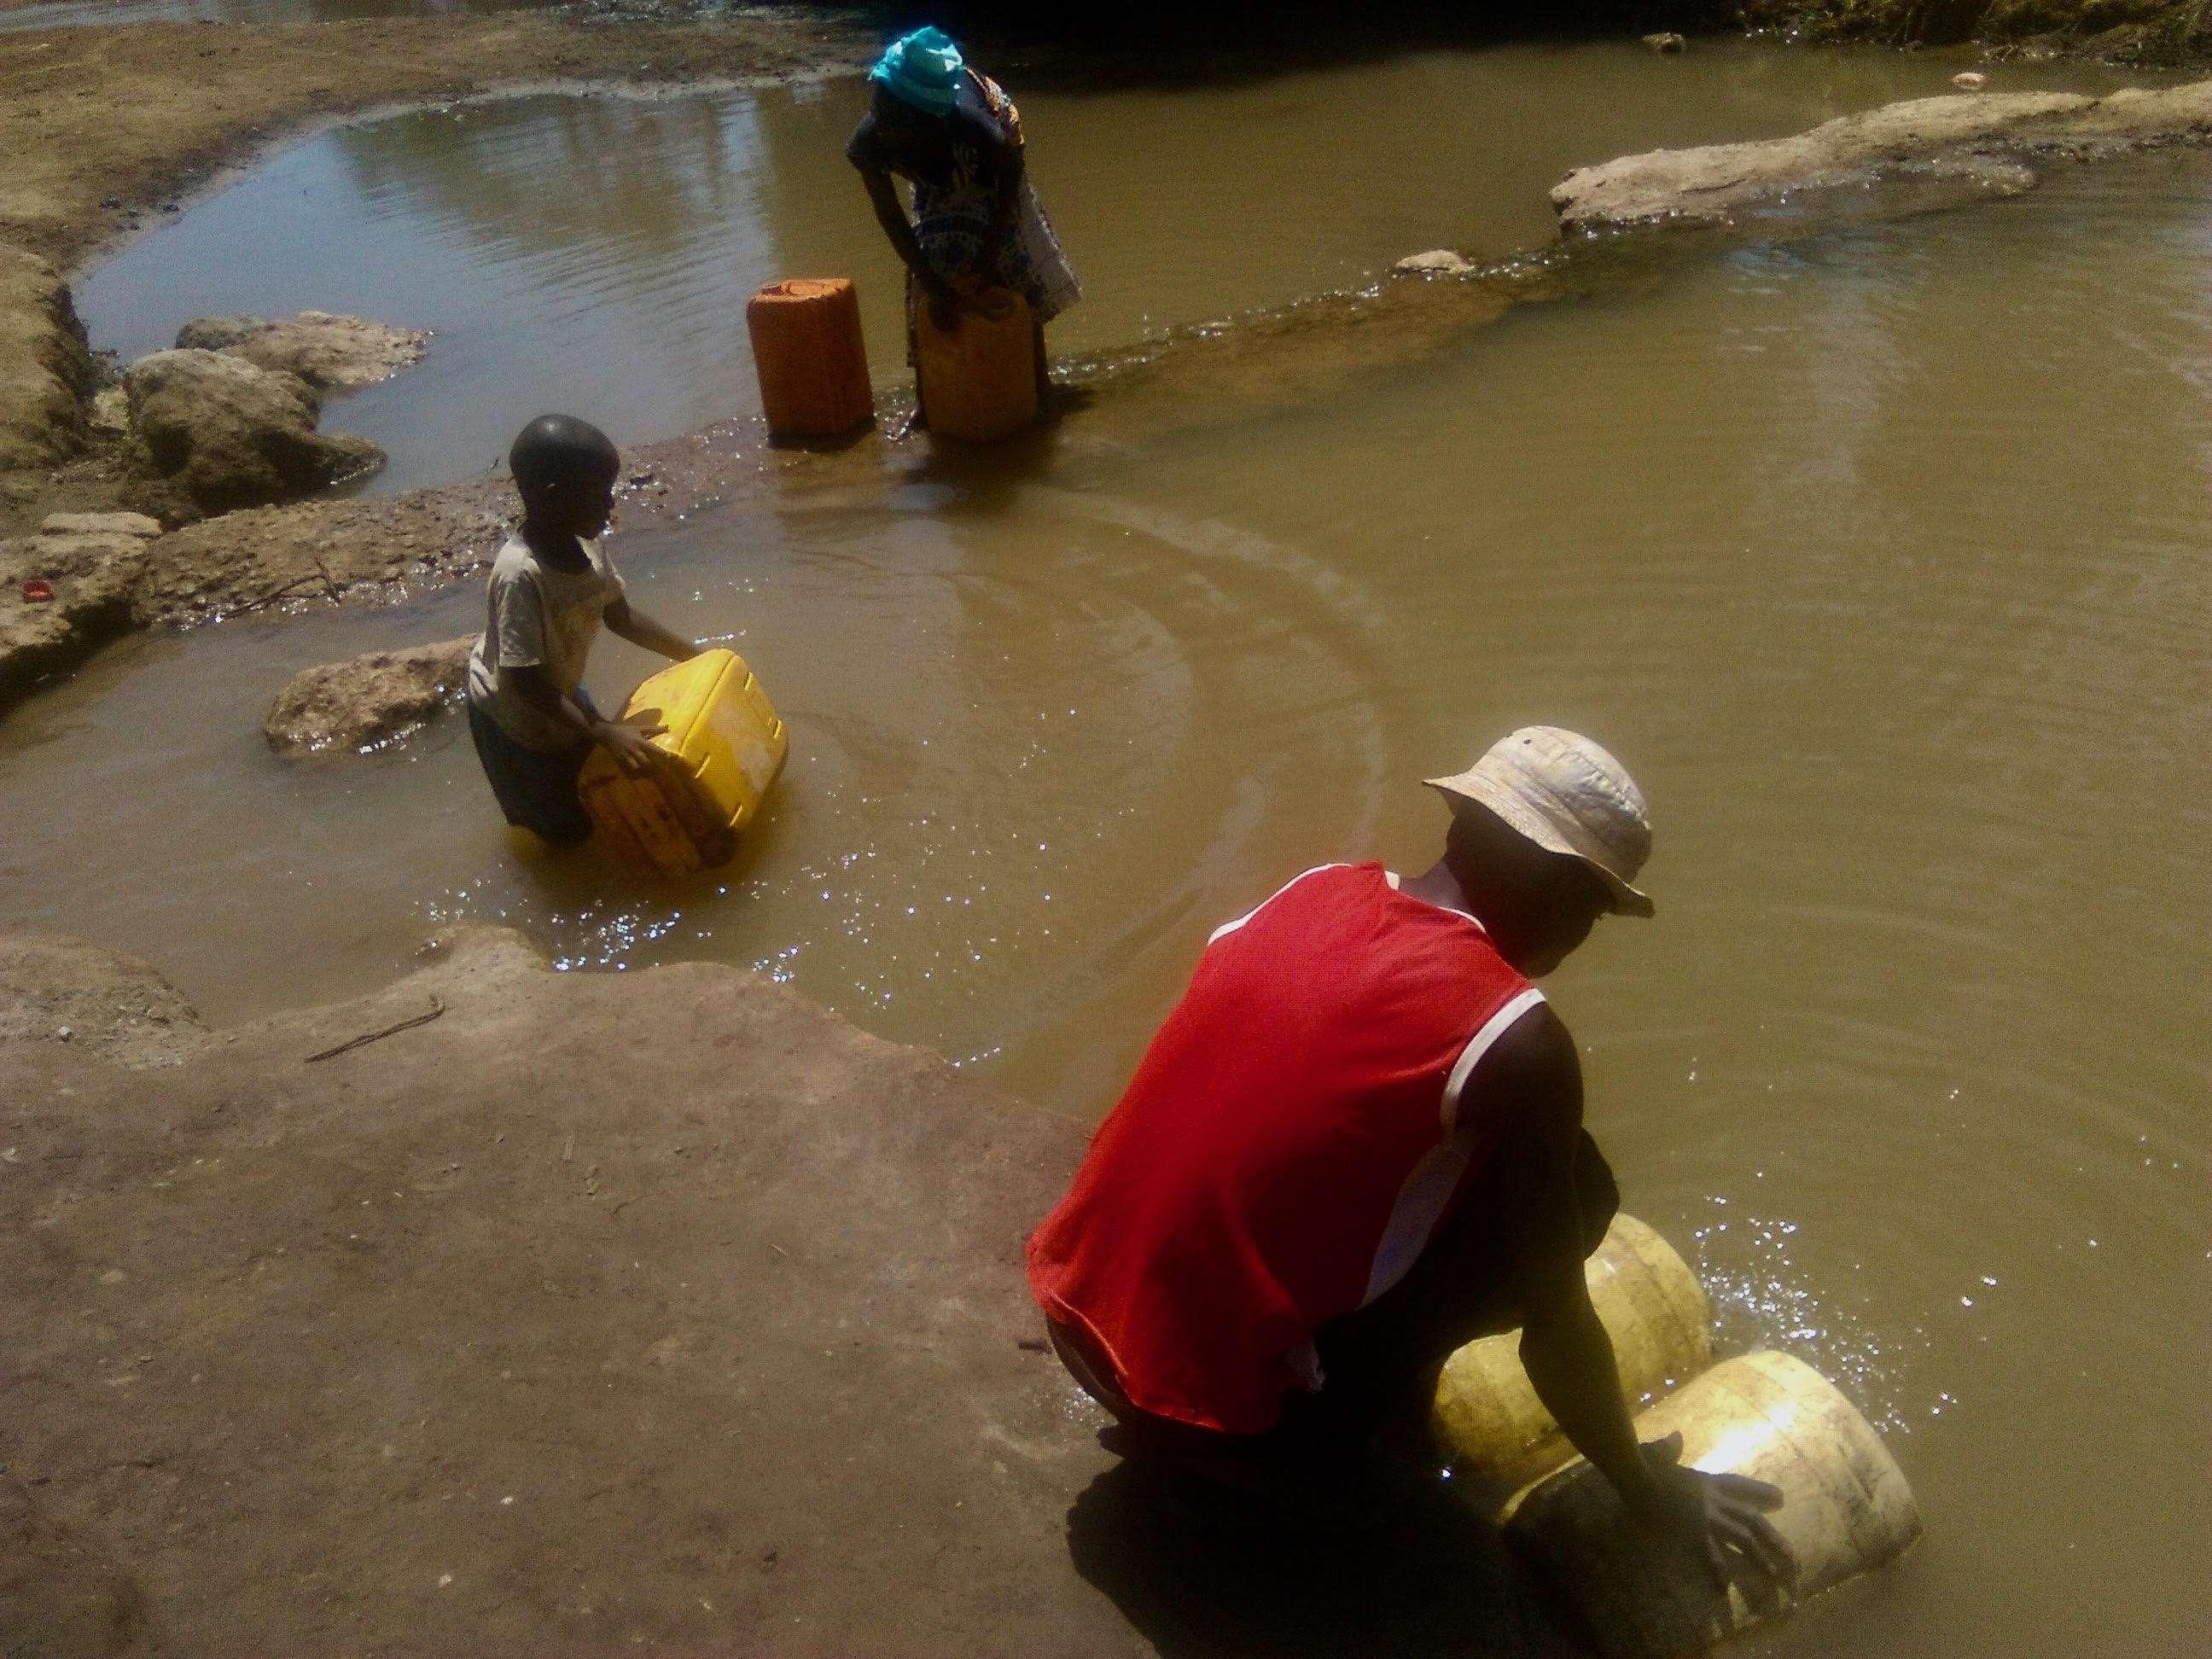 Kebwezi Village Image 4